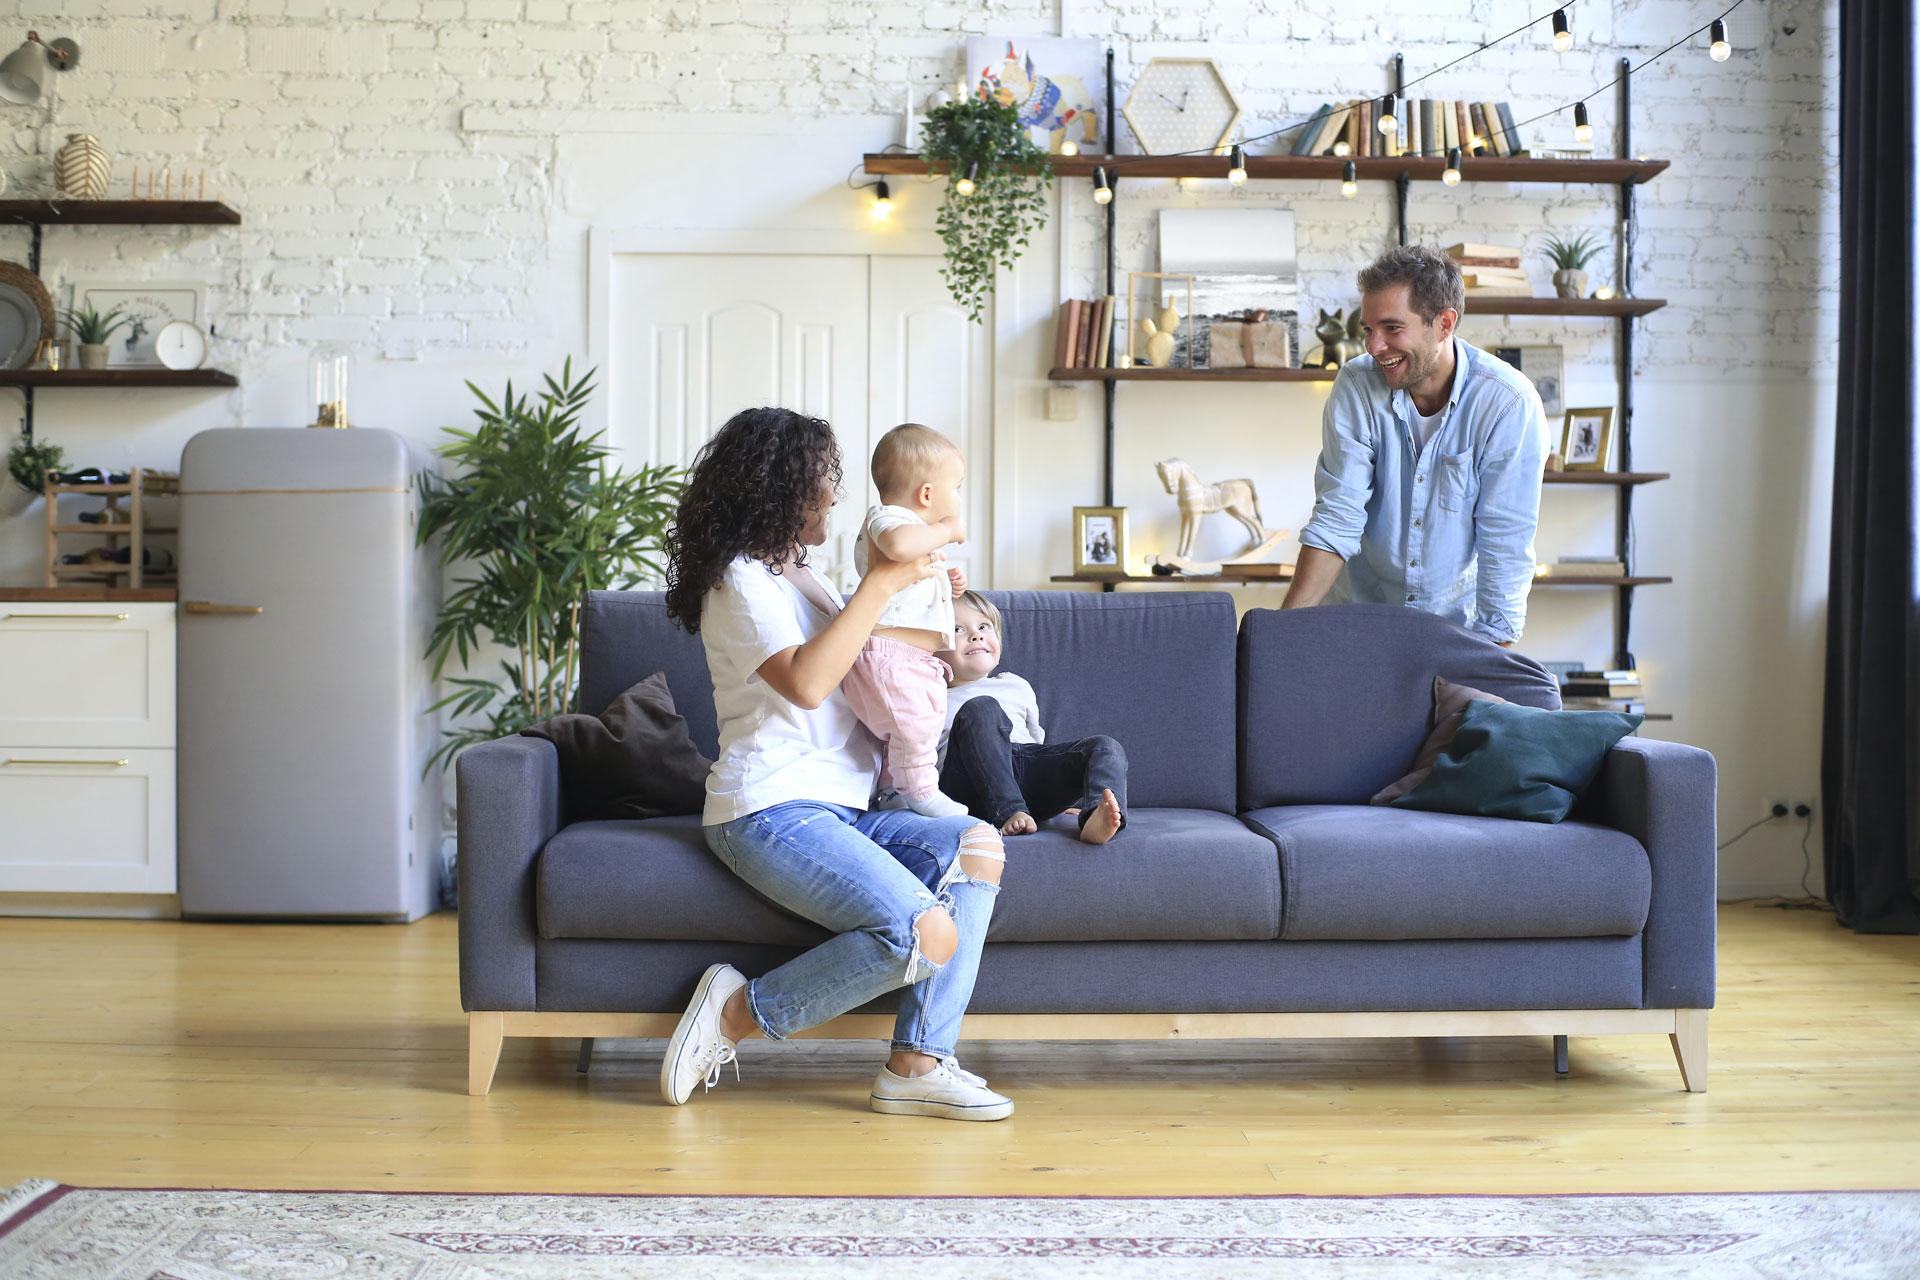 Pojištění majetku: pozor na termíny nová a bazarová cena